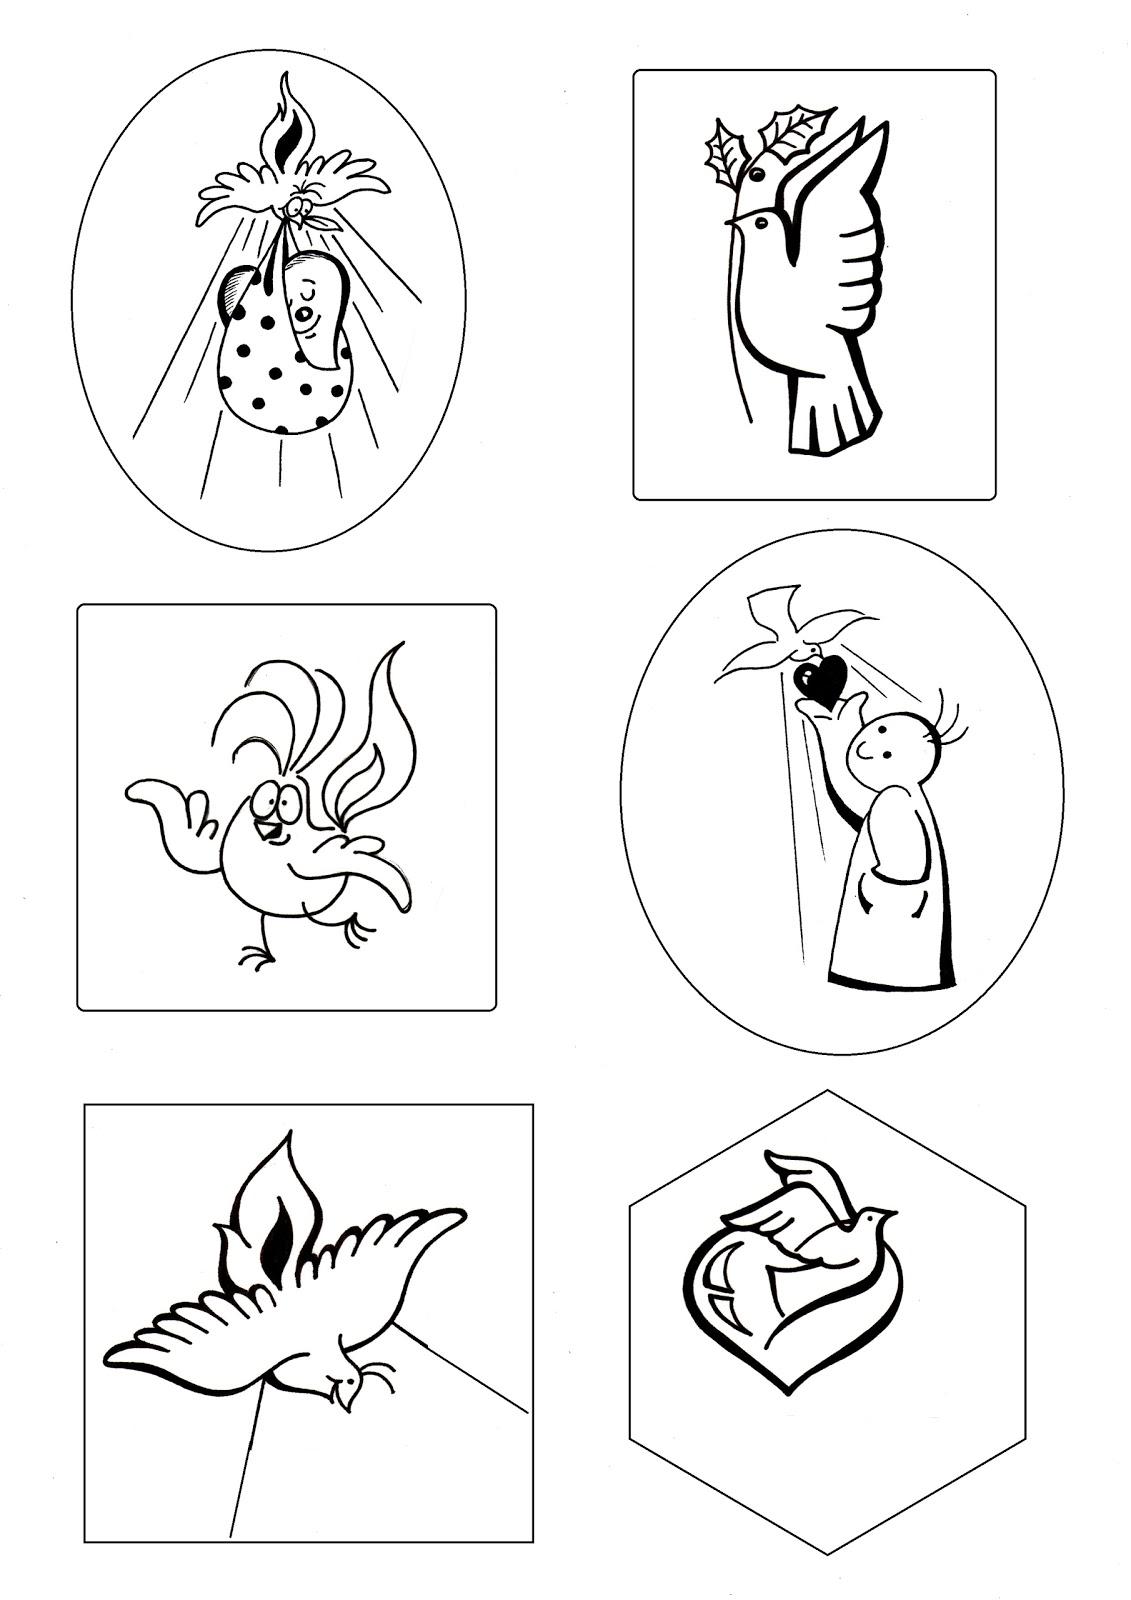 El Rincón de las Melli: Dibujos con el Espíritu Santo